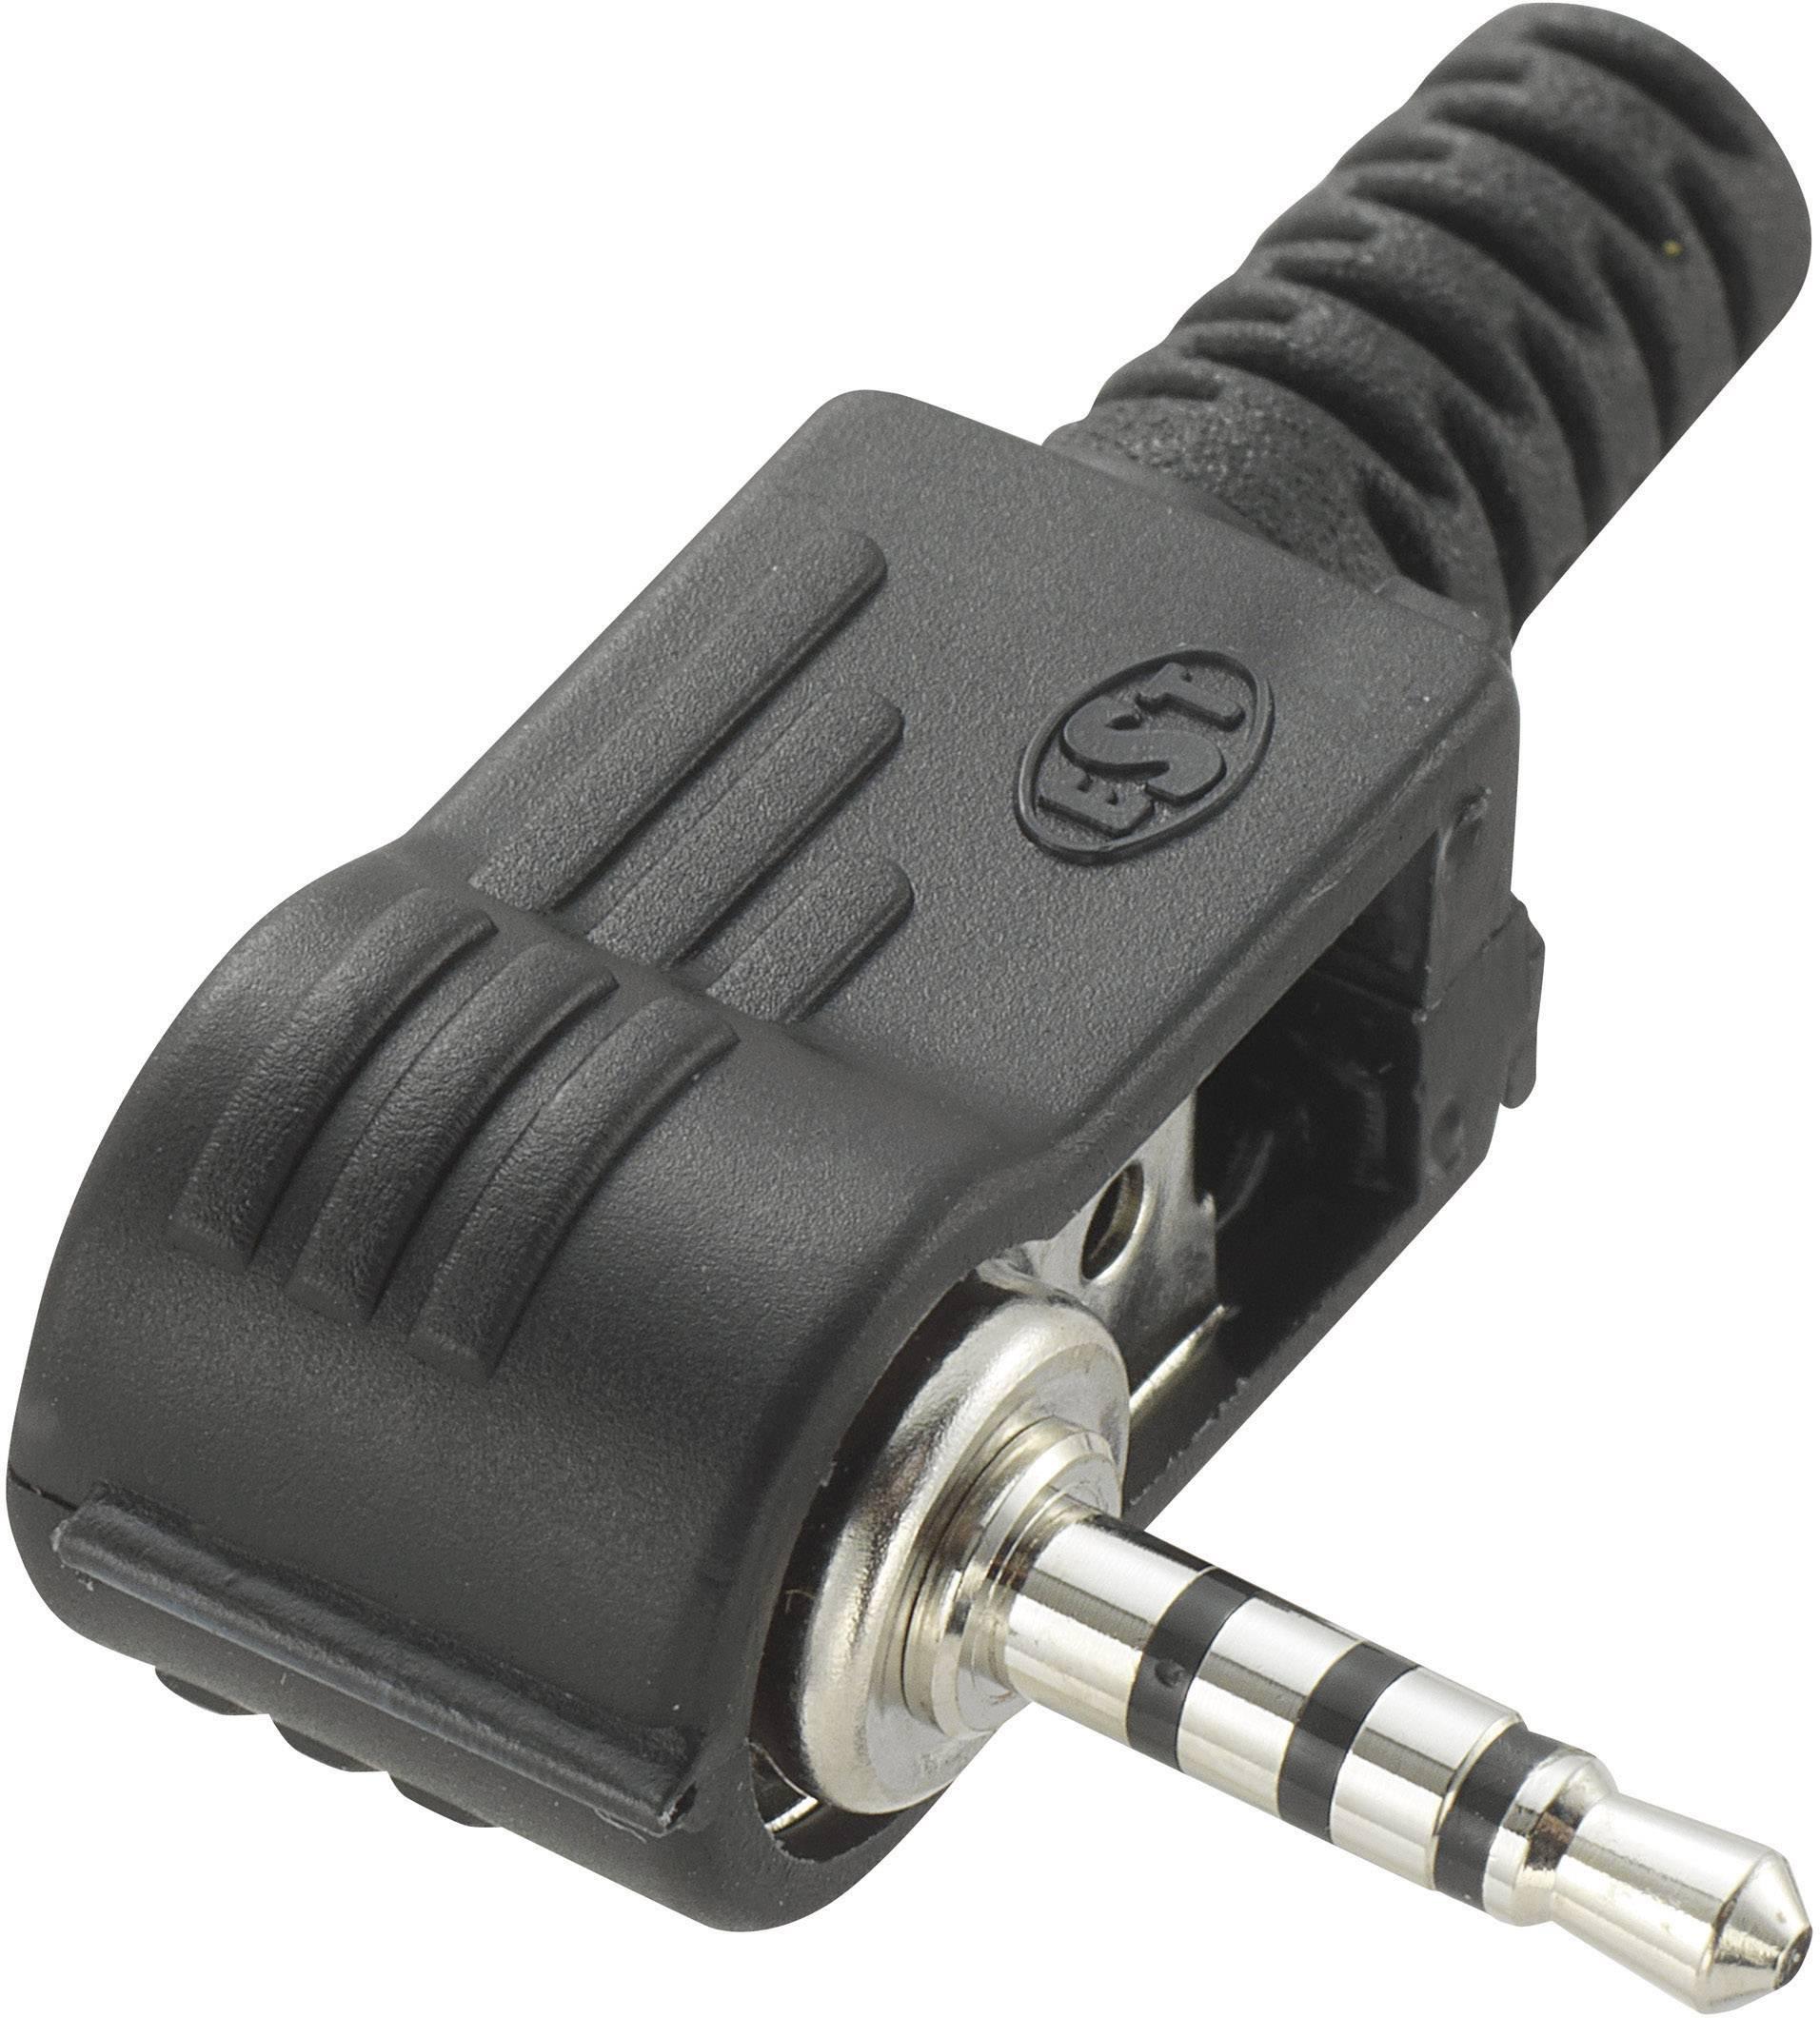 Jack konektor 2.5 mm stereo zástrčka, zahnutá Conrad Components 4, čierna, 1 ks